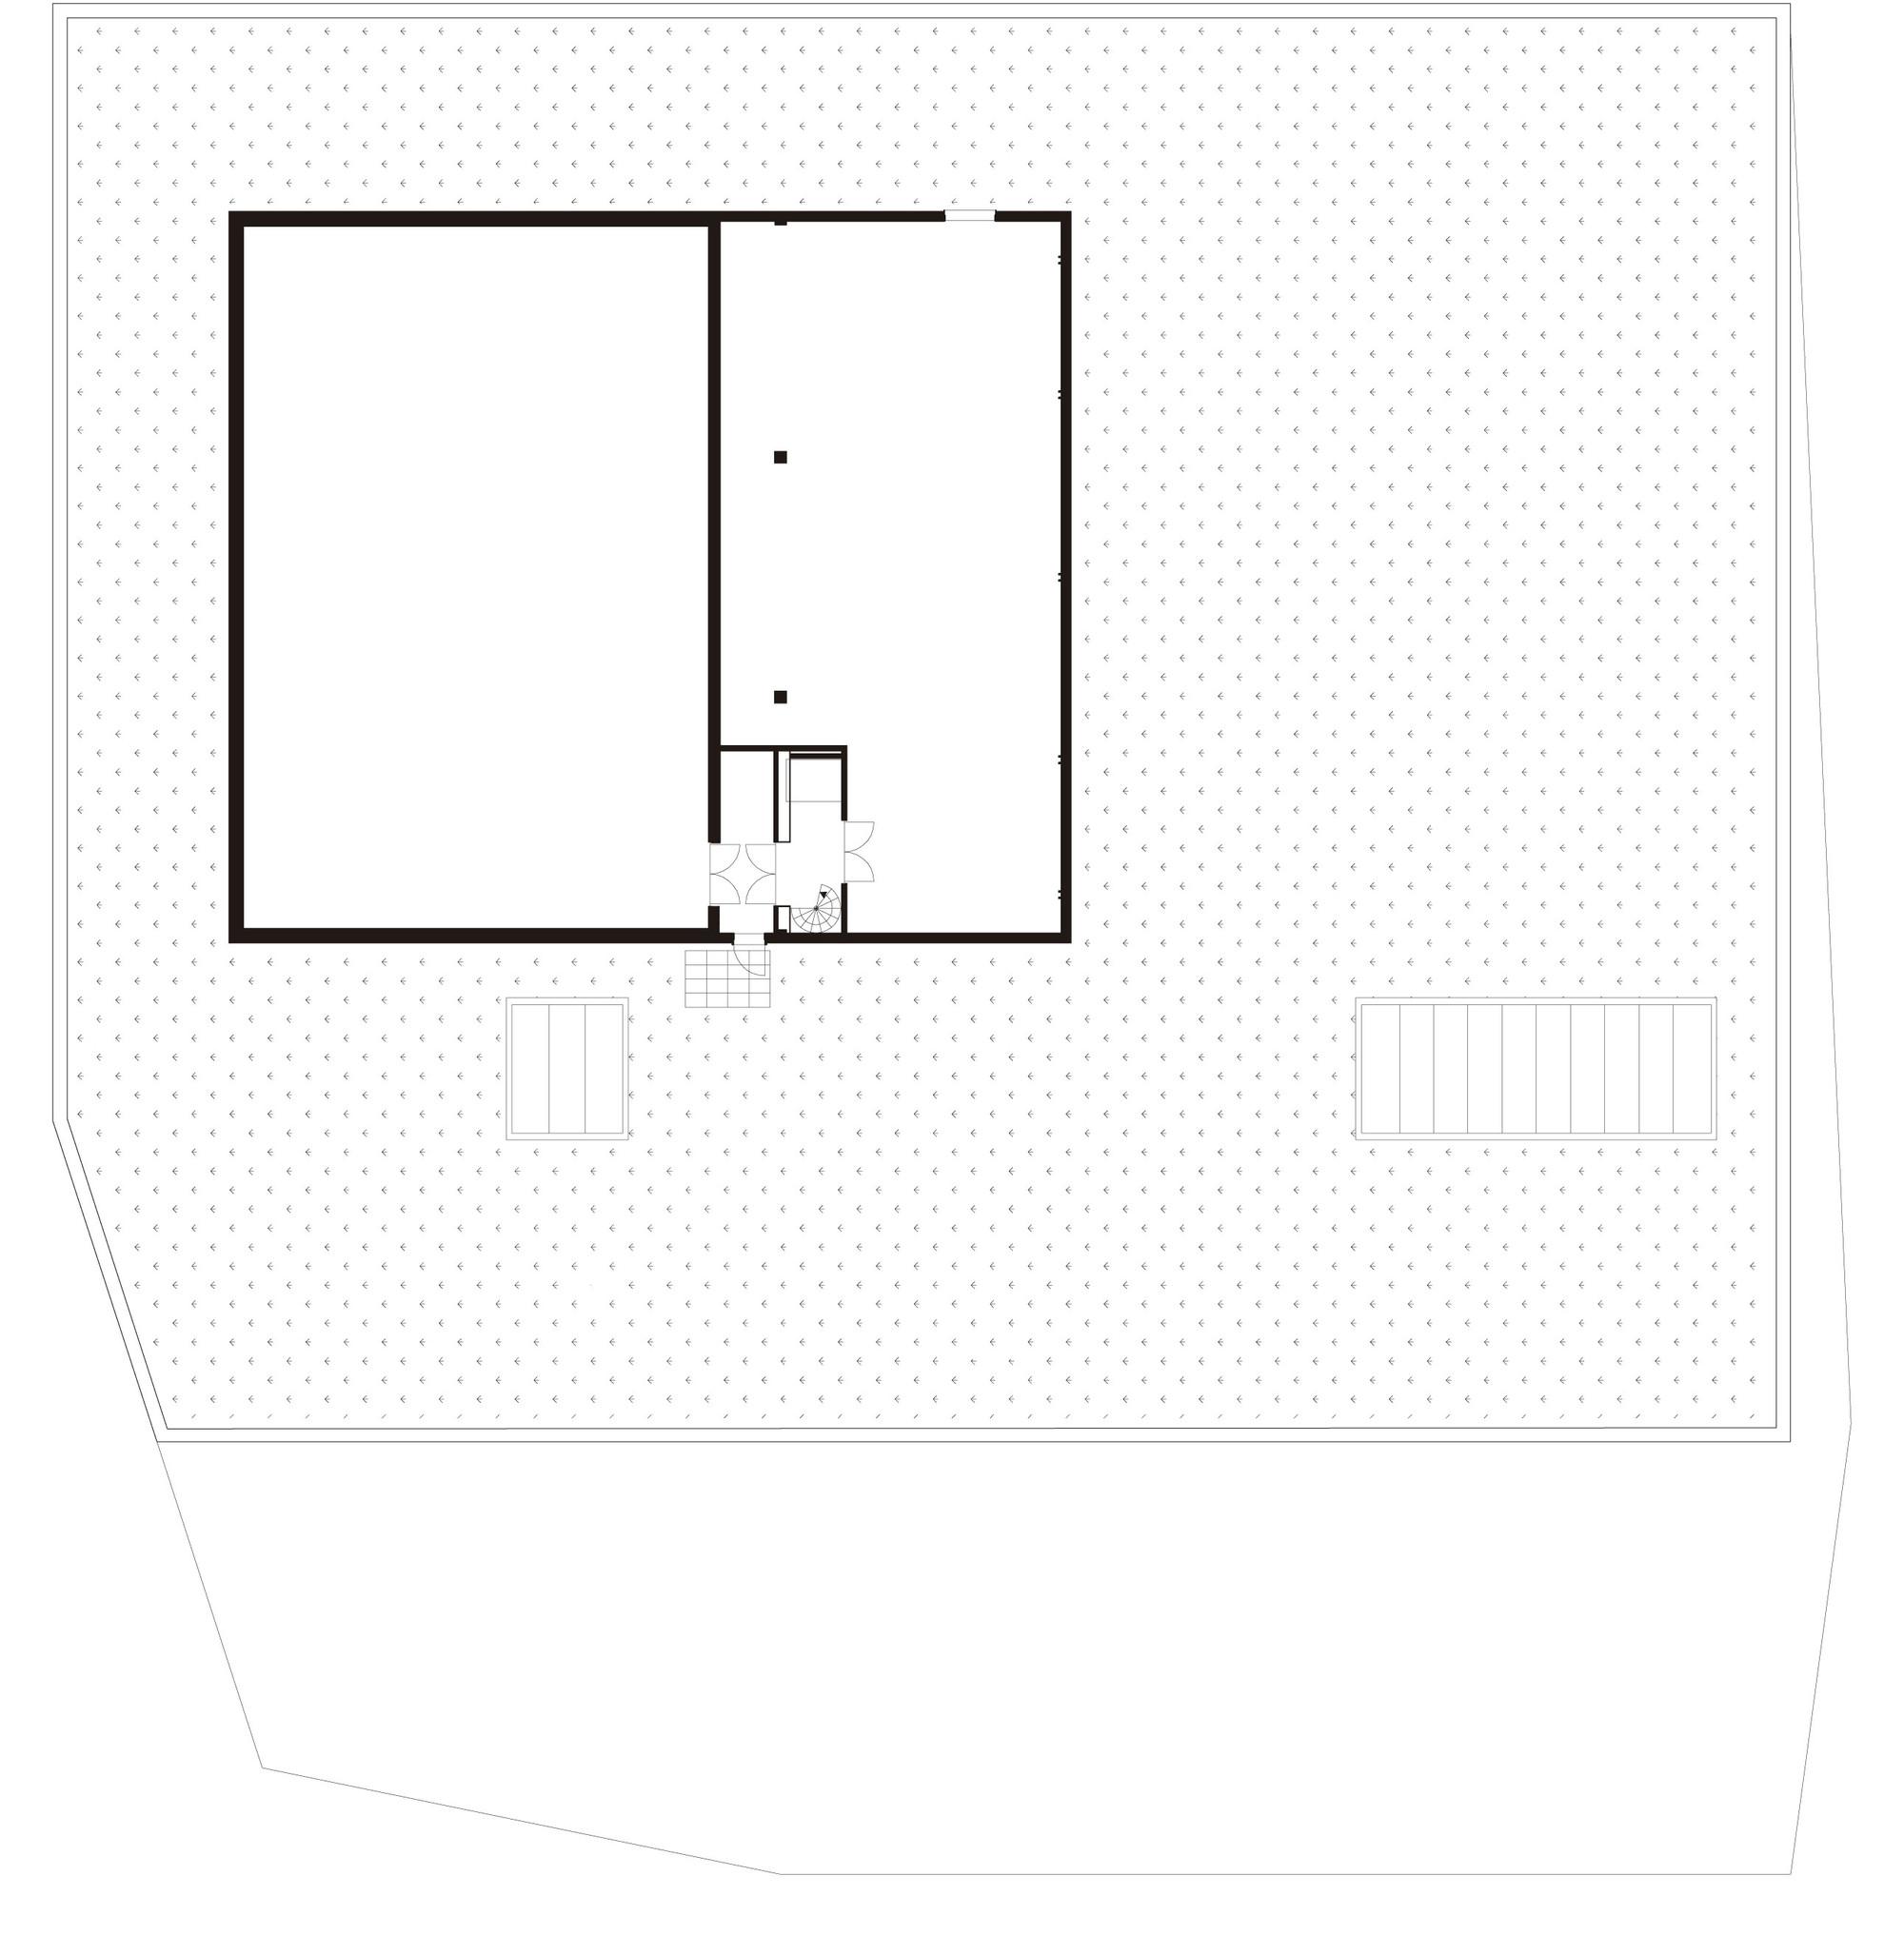 Galer 237 A De Kunstcluster Van Dongen Koschuch 22